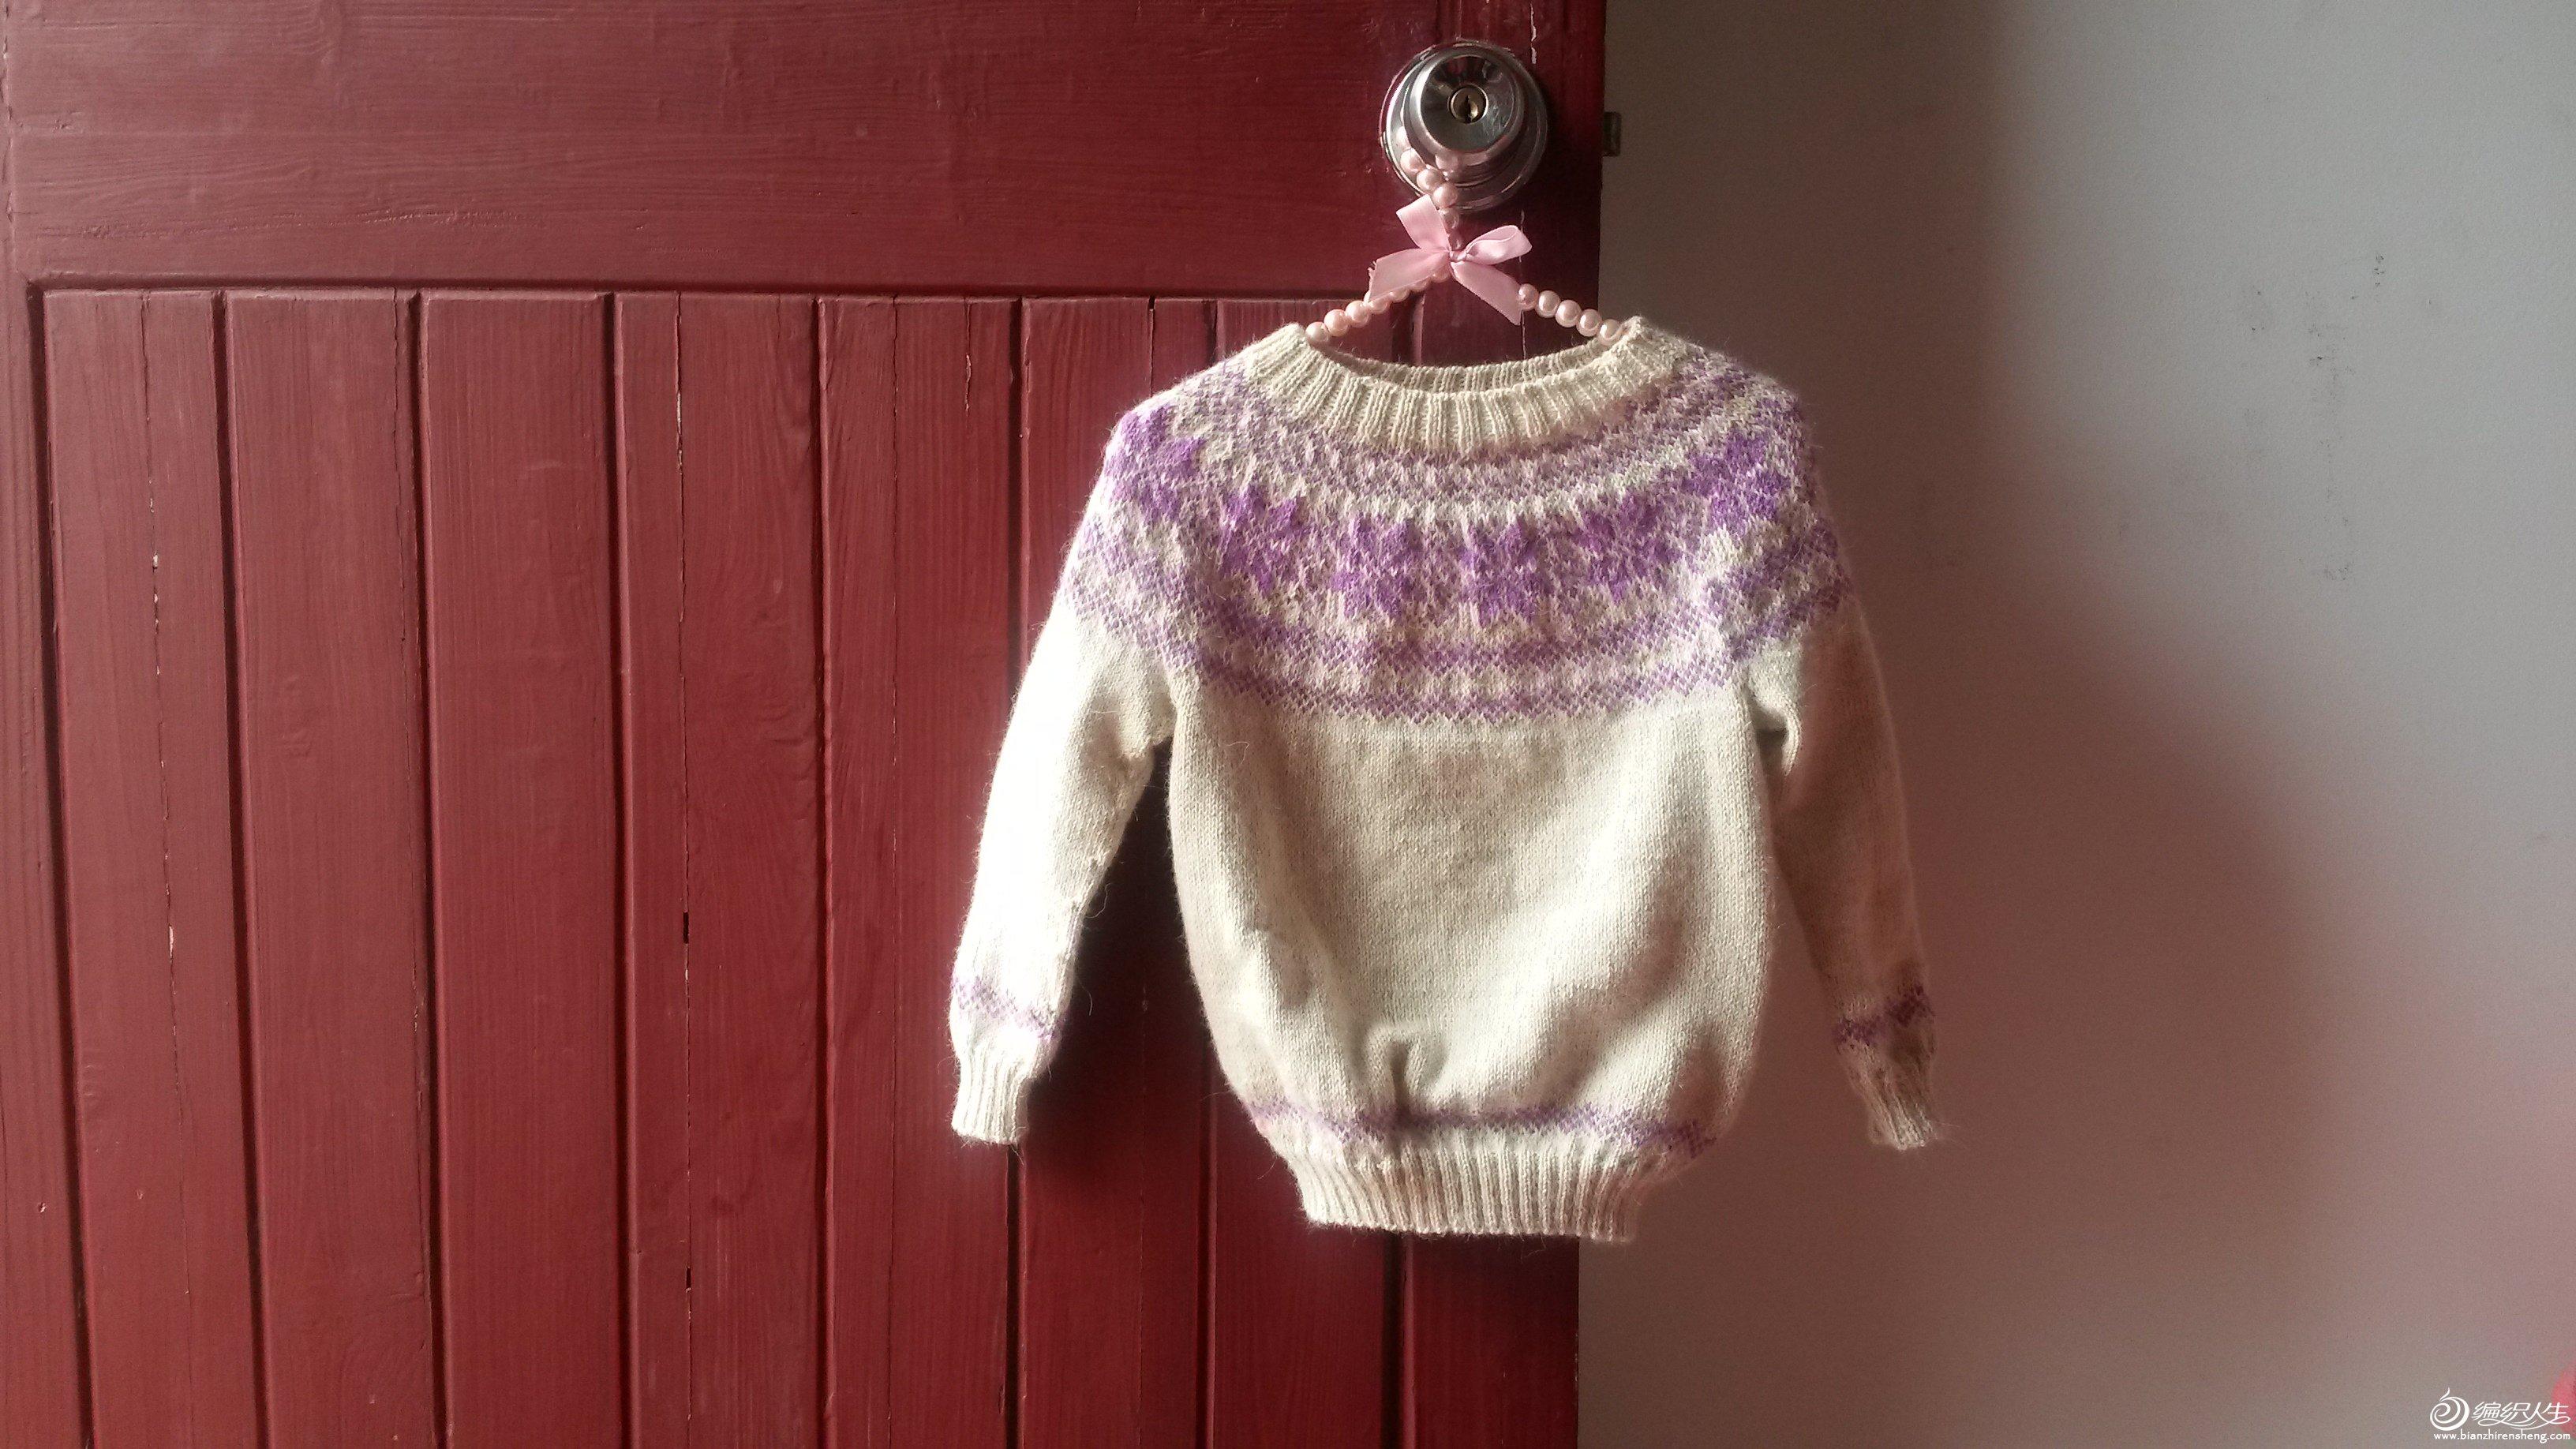 在焦点家买过一次羊绒零桶,顺带买了半斤的羊驼,买回来就织了小样,很滑很柔软,毛毛很丰富,但是没有想好织什么,就一直放着。突然有一天看到了幸福物语的羊驼圆肩毛衣,很喜欢,看看手上的线正好也有这个羊驼,小样的针数一算,啊哟,正好可以织给我宝宝,连针数都可以照抄,哈哈,于是立刻开工了。可我是个新手啊,双手带线神马的又去恶补了一下,哈哈,还好不算难,就是织起来麻烦点,但是坚持就是胜利,于是我织啊织。。从2月22日开始,织到了3月24日。。。别鄙视我,带着个大宝贝真心难抽时间织啊,哈哈,不过织出来还是很兴奋,虽然第